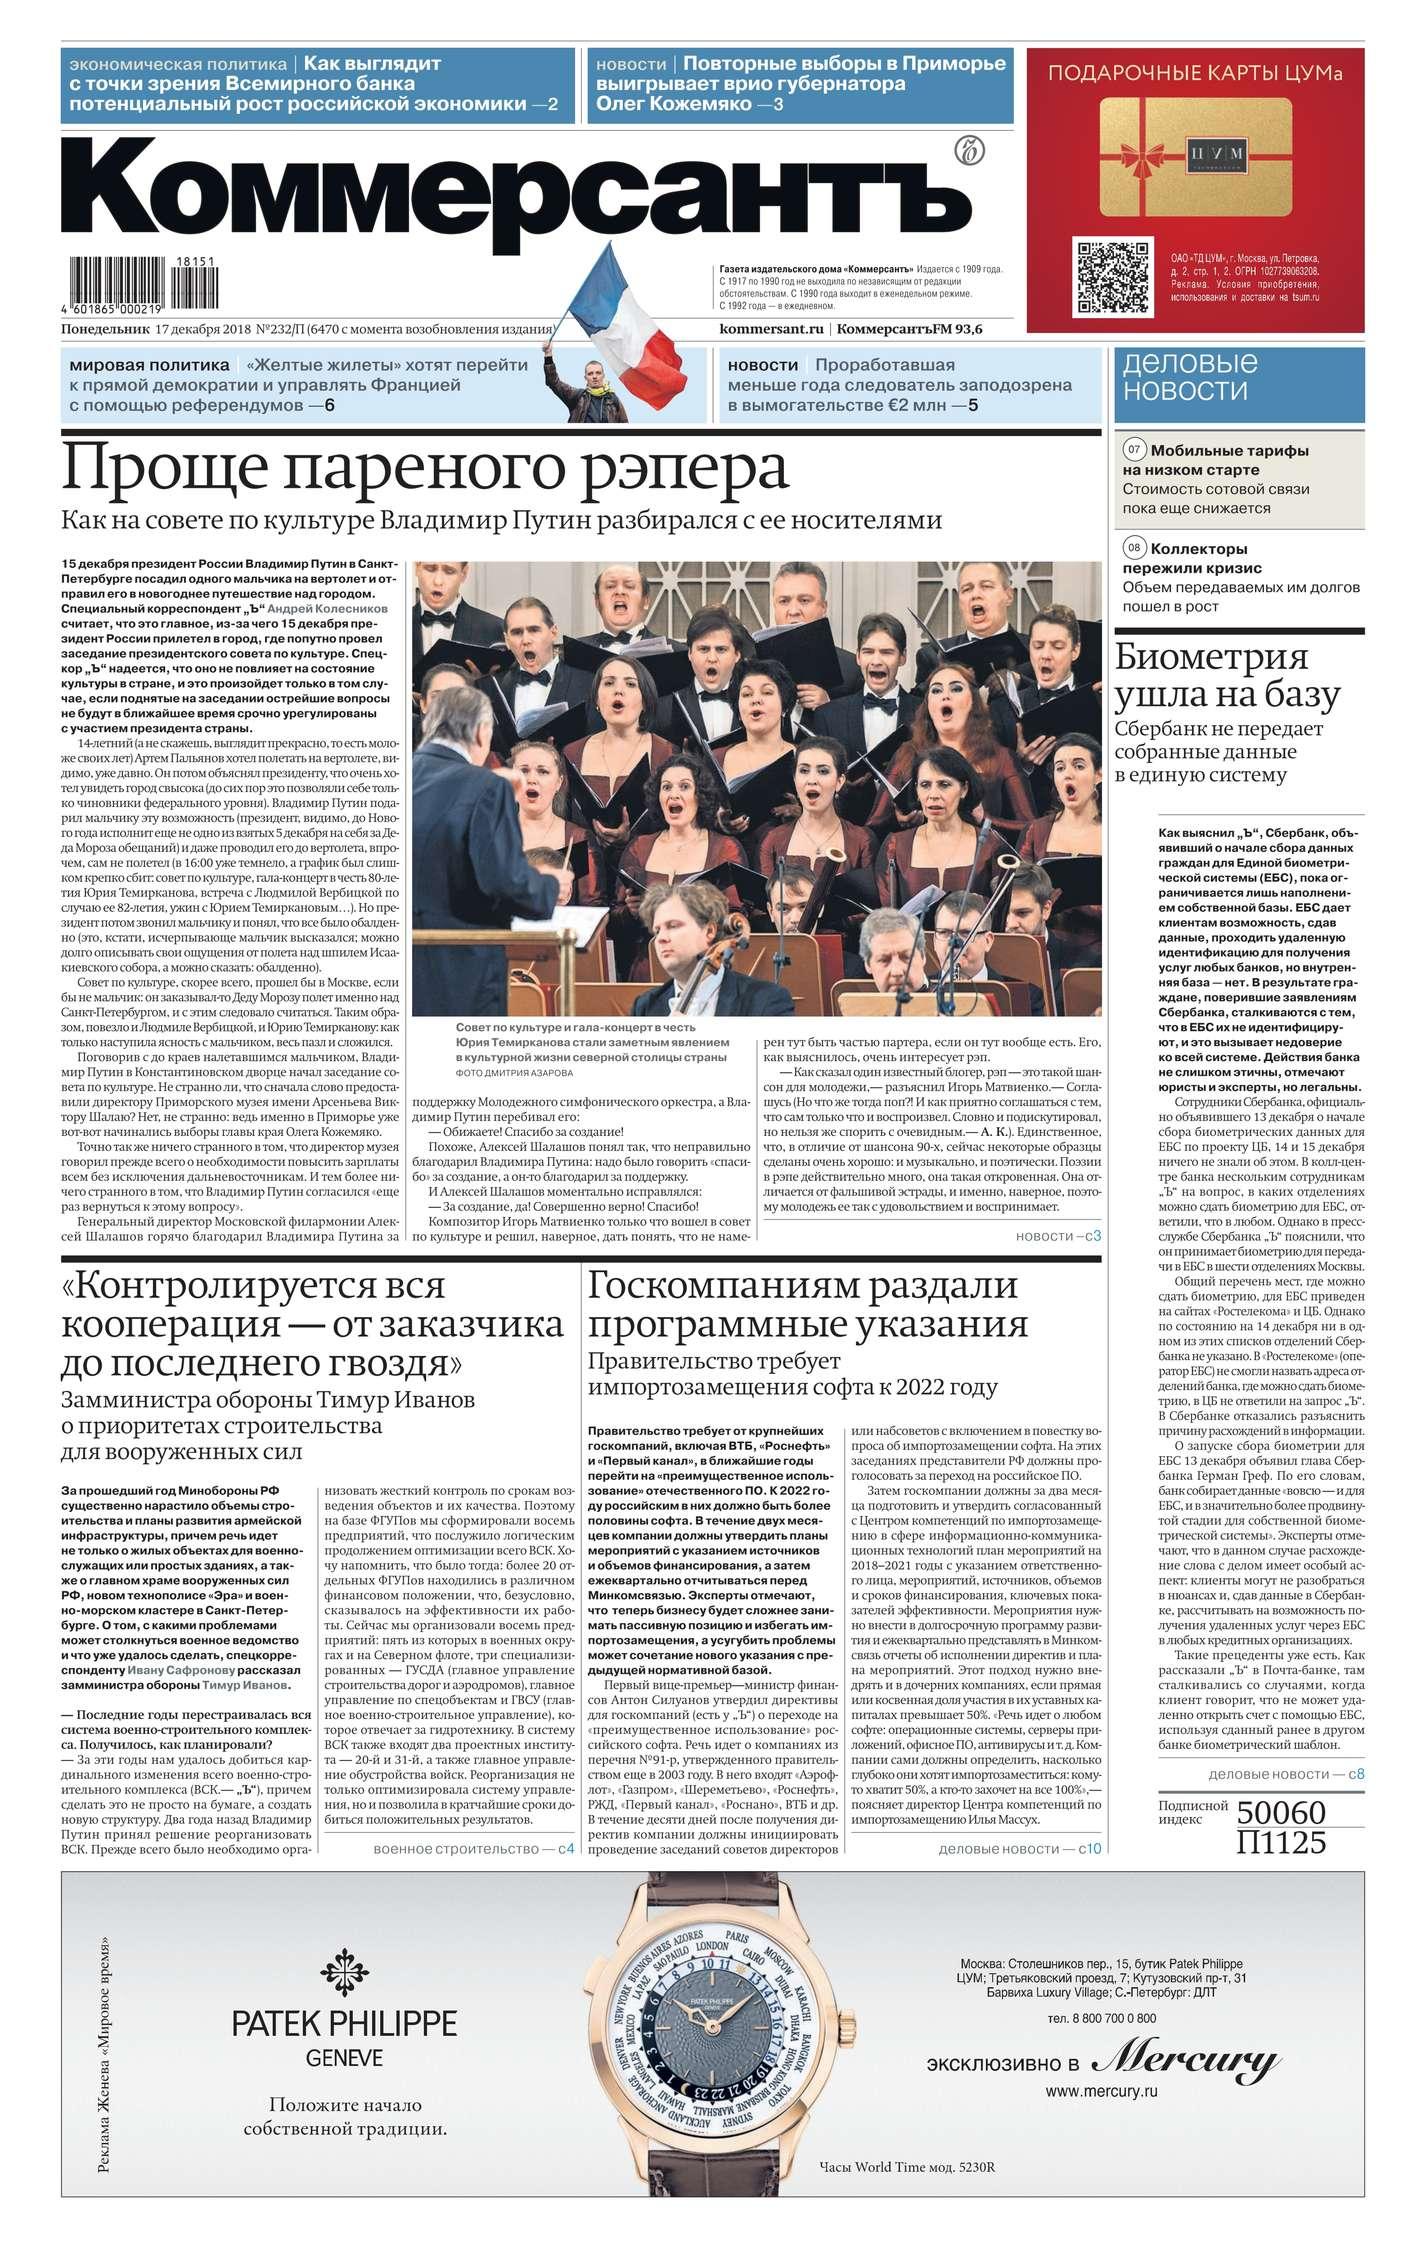 Редакция газеты Коммерсантъ (понедельник-пятница) Коммерсантъ (понедельник-пятница) 232п-2018 цена